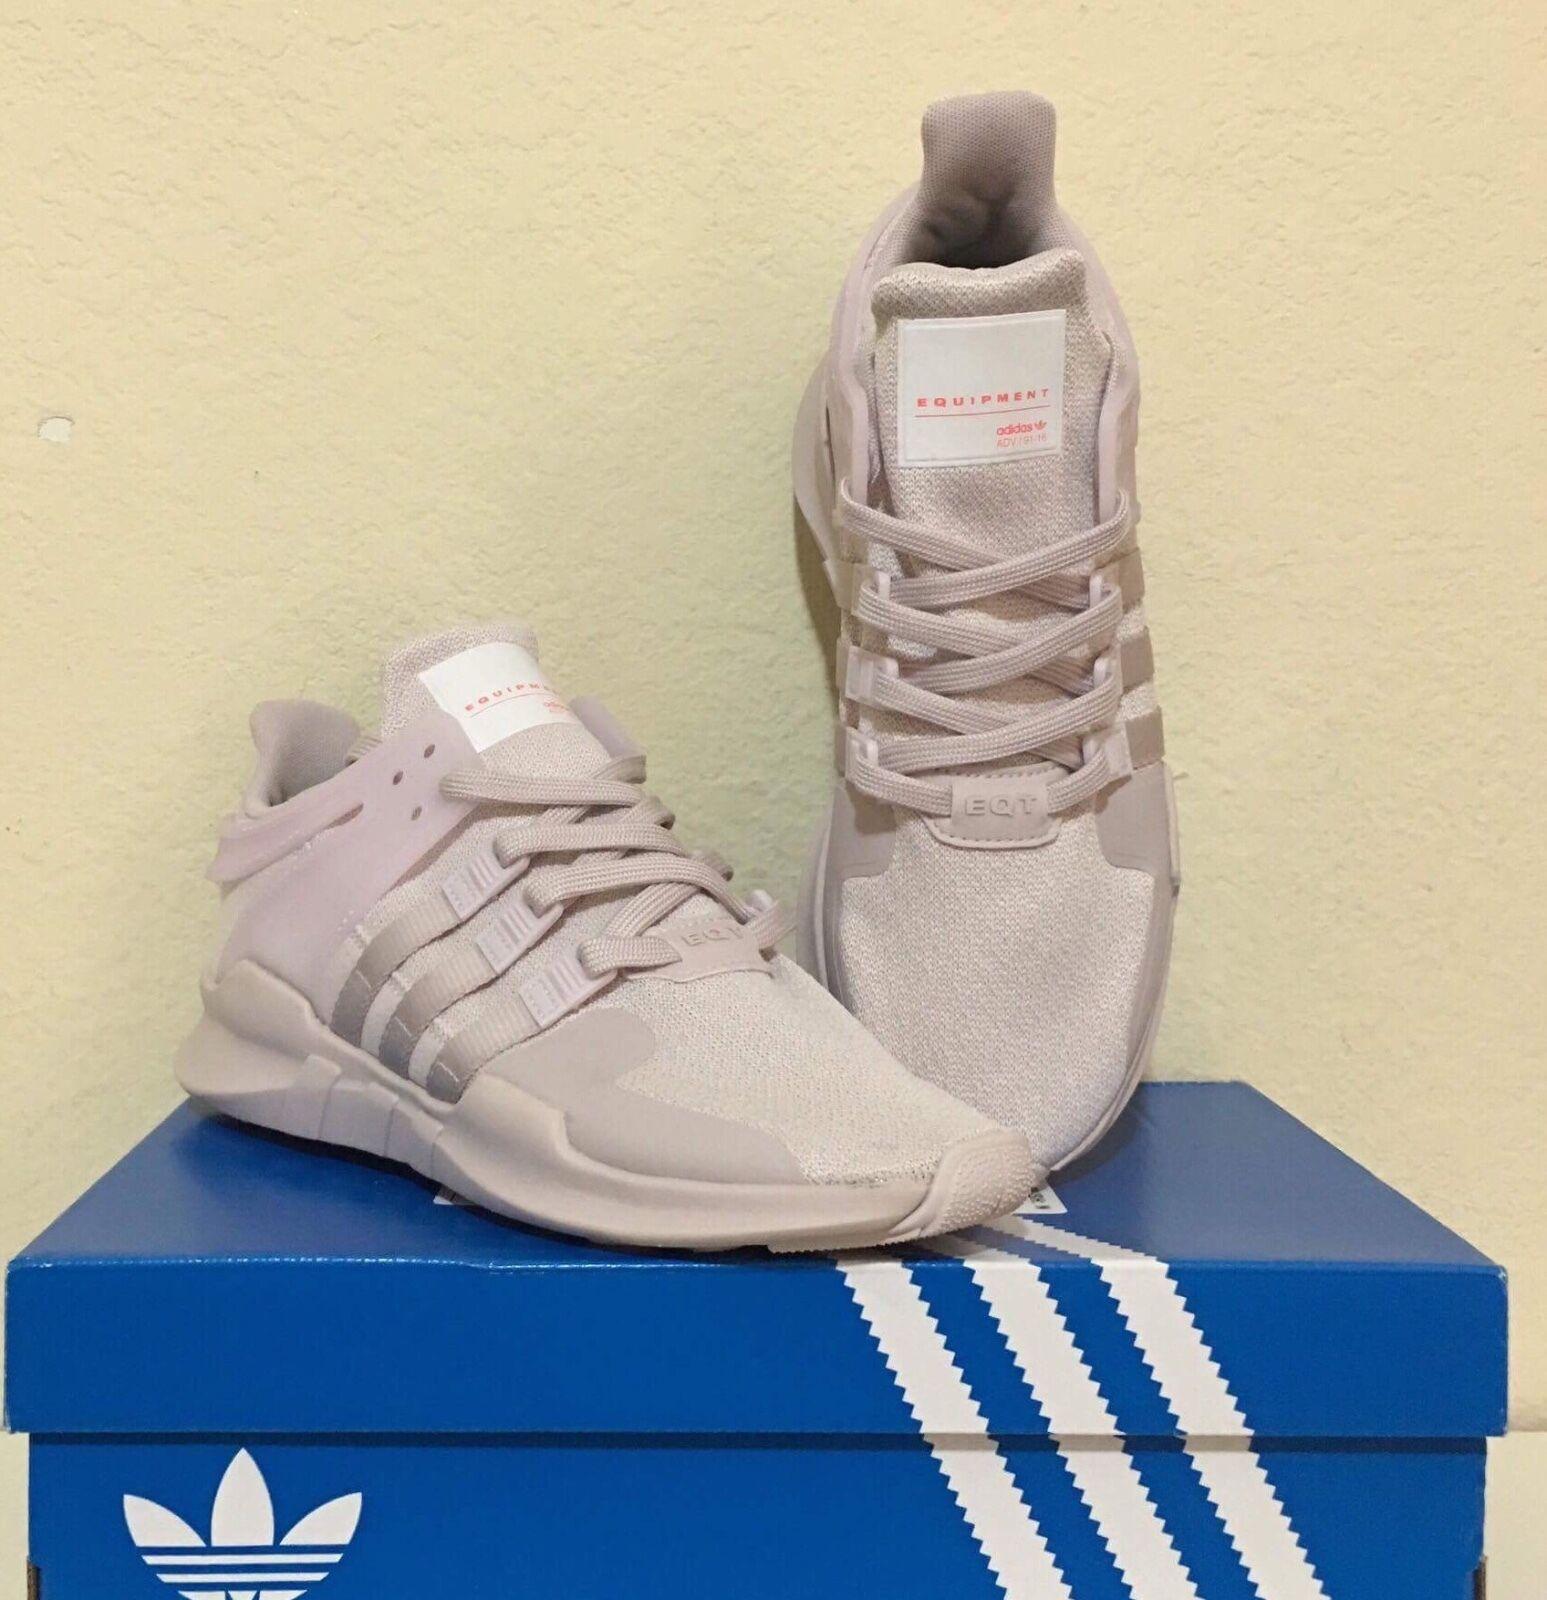 Le attrezzature di avanzati supporto delle scarpe adidas avanzati di in ghiaccio viola (7,5 - 8) 9fc913